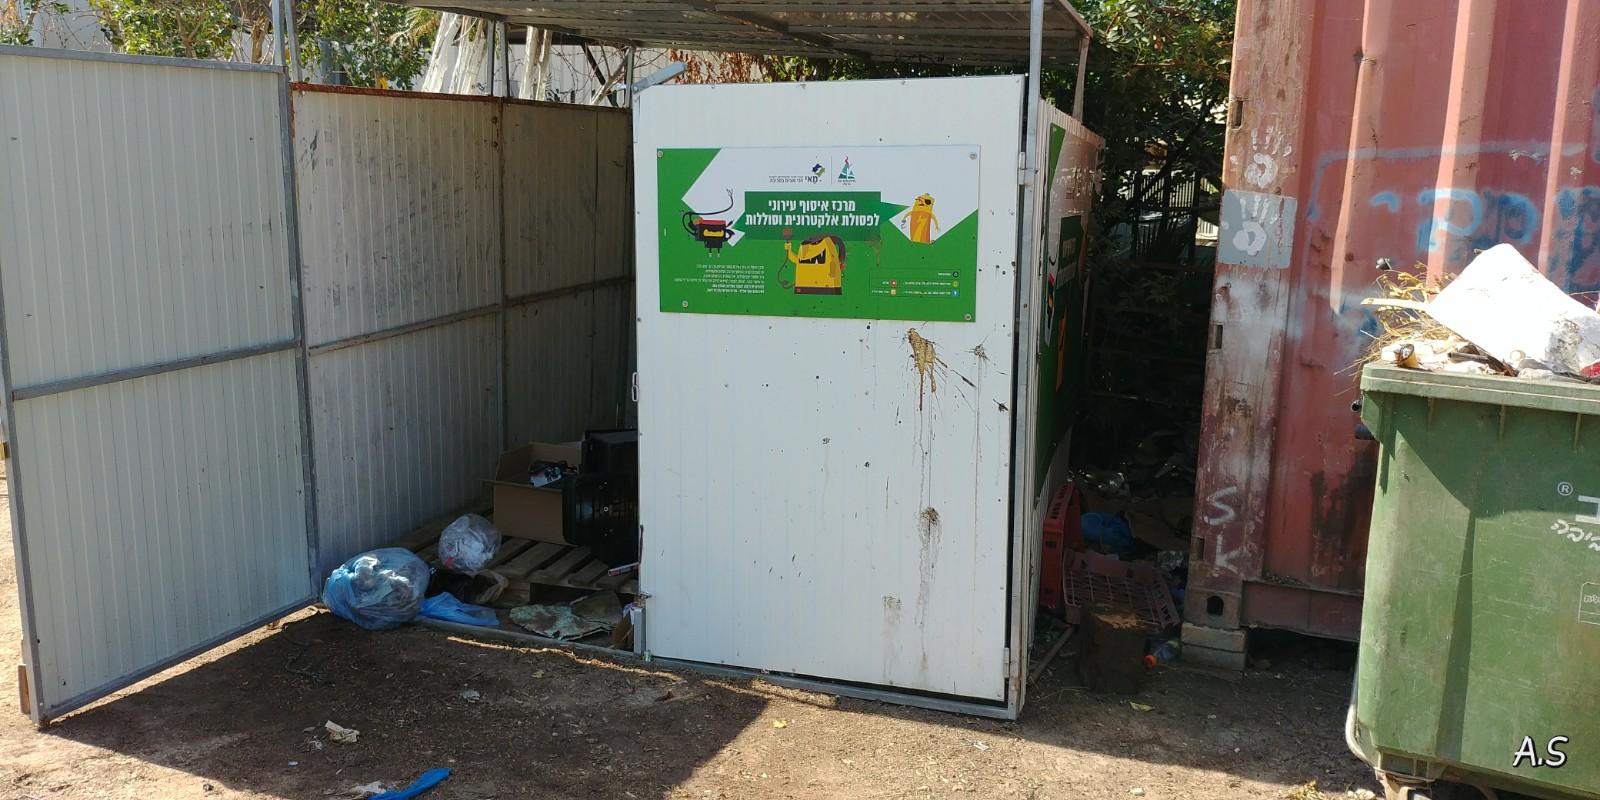 מרכז איסוף רשות מקומית - מתחם תשתיות במכבים – דרך הראשונים